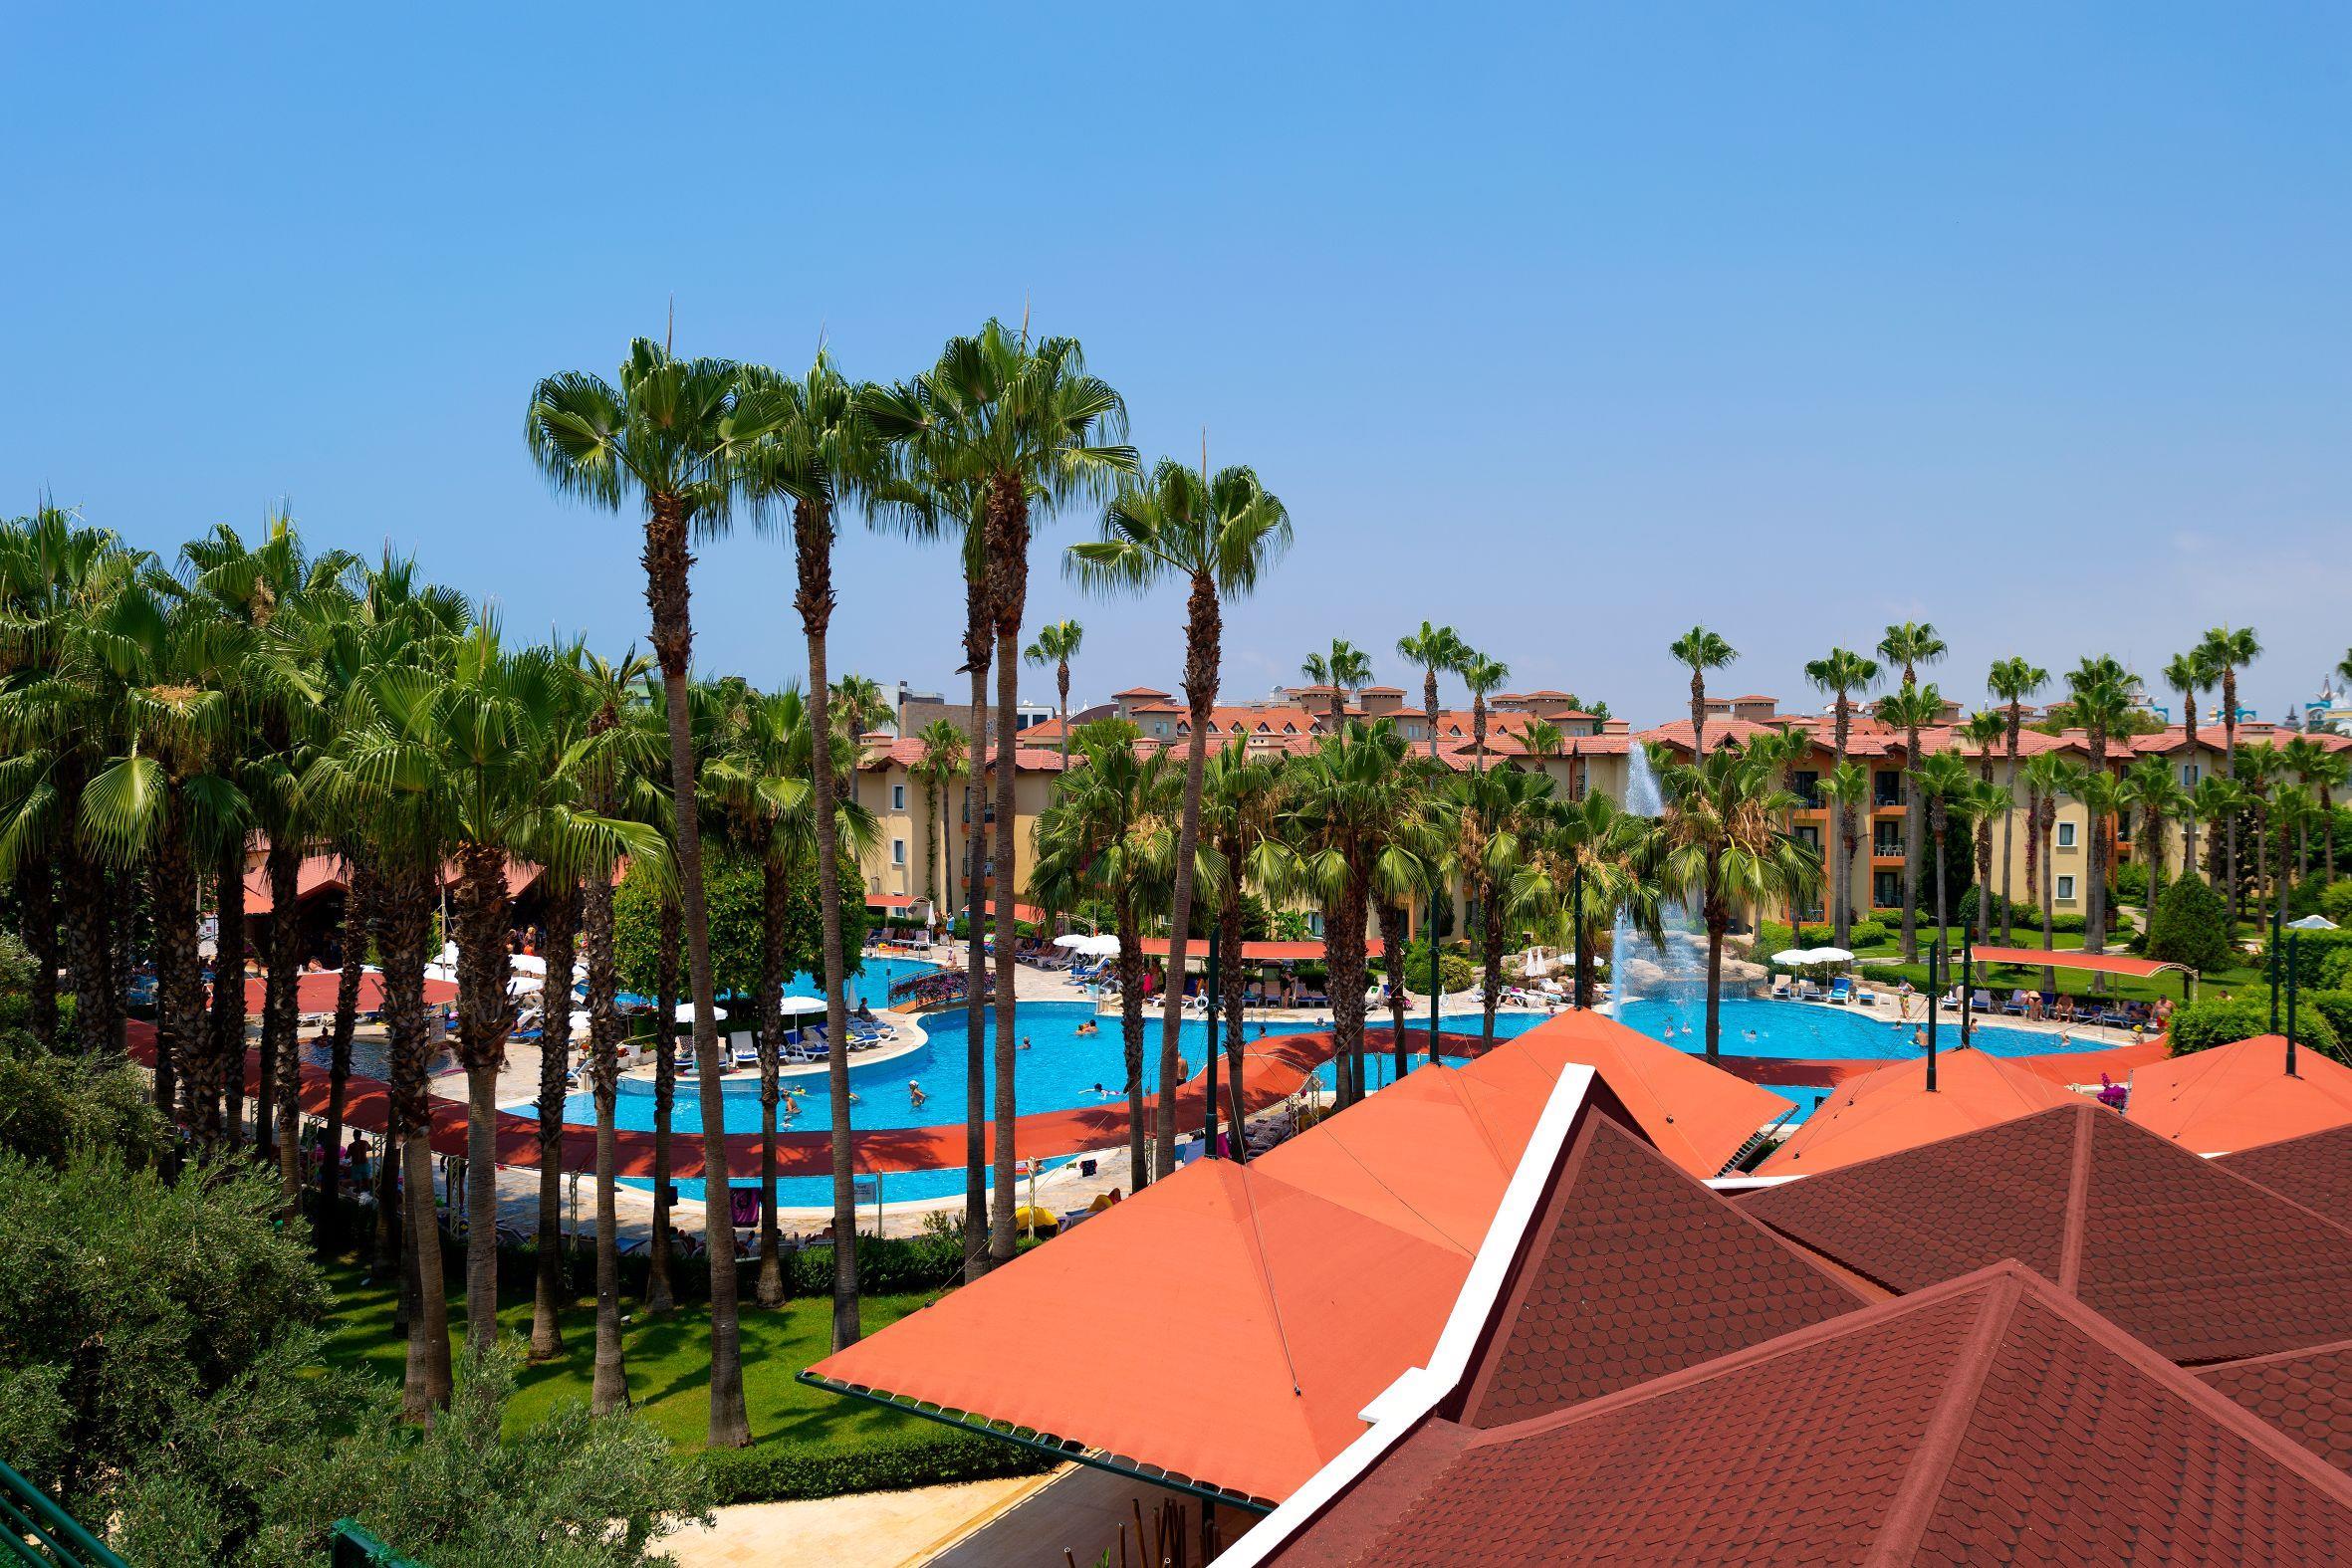 http://www.orextravel.sk/OREX/hotelphotos/miramare-queen-hotel-general-0066.jpg